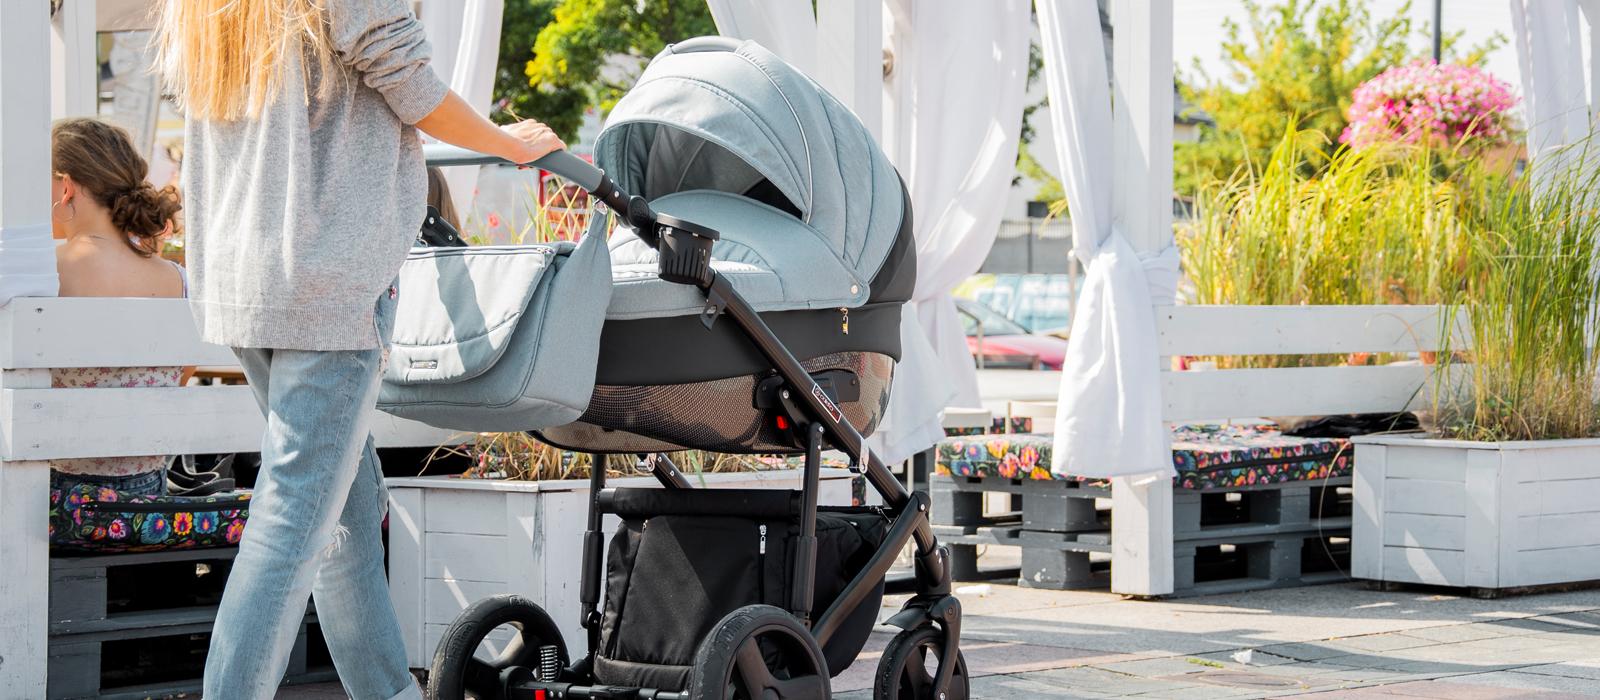 Wózek głęboko spacerowy wielofunkcyjny Florino NEW biała rama firmy Coletto